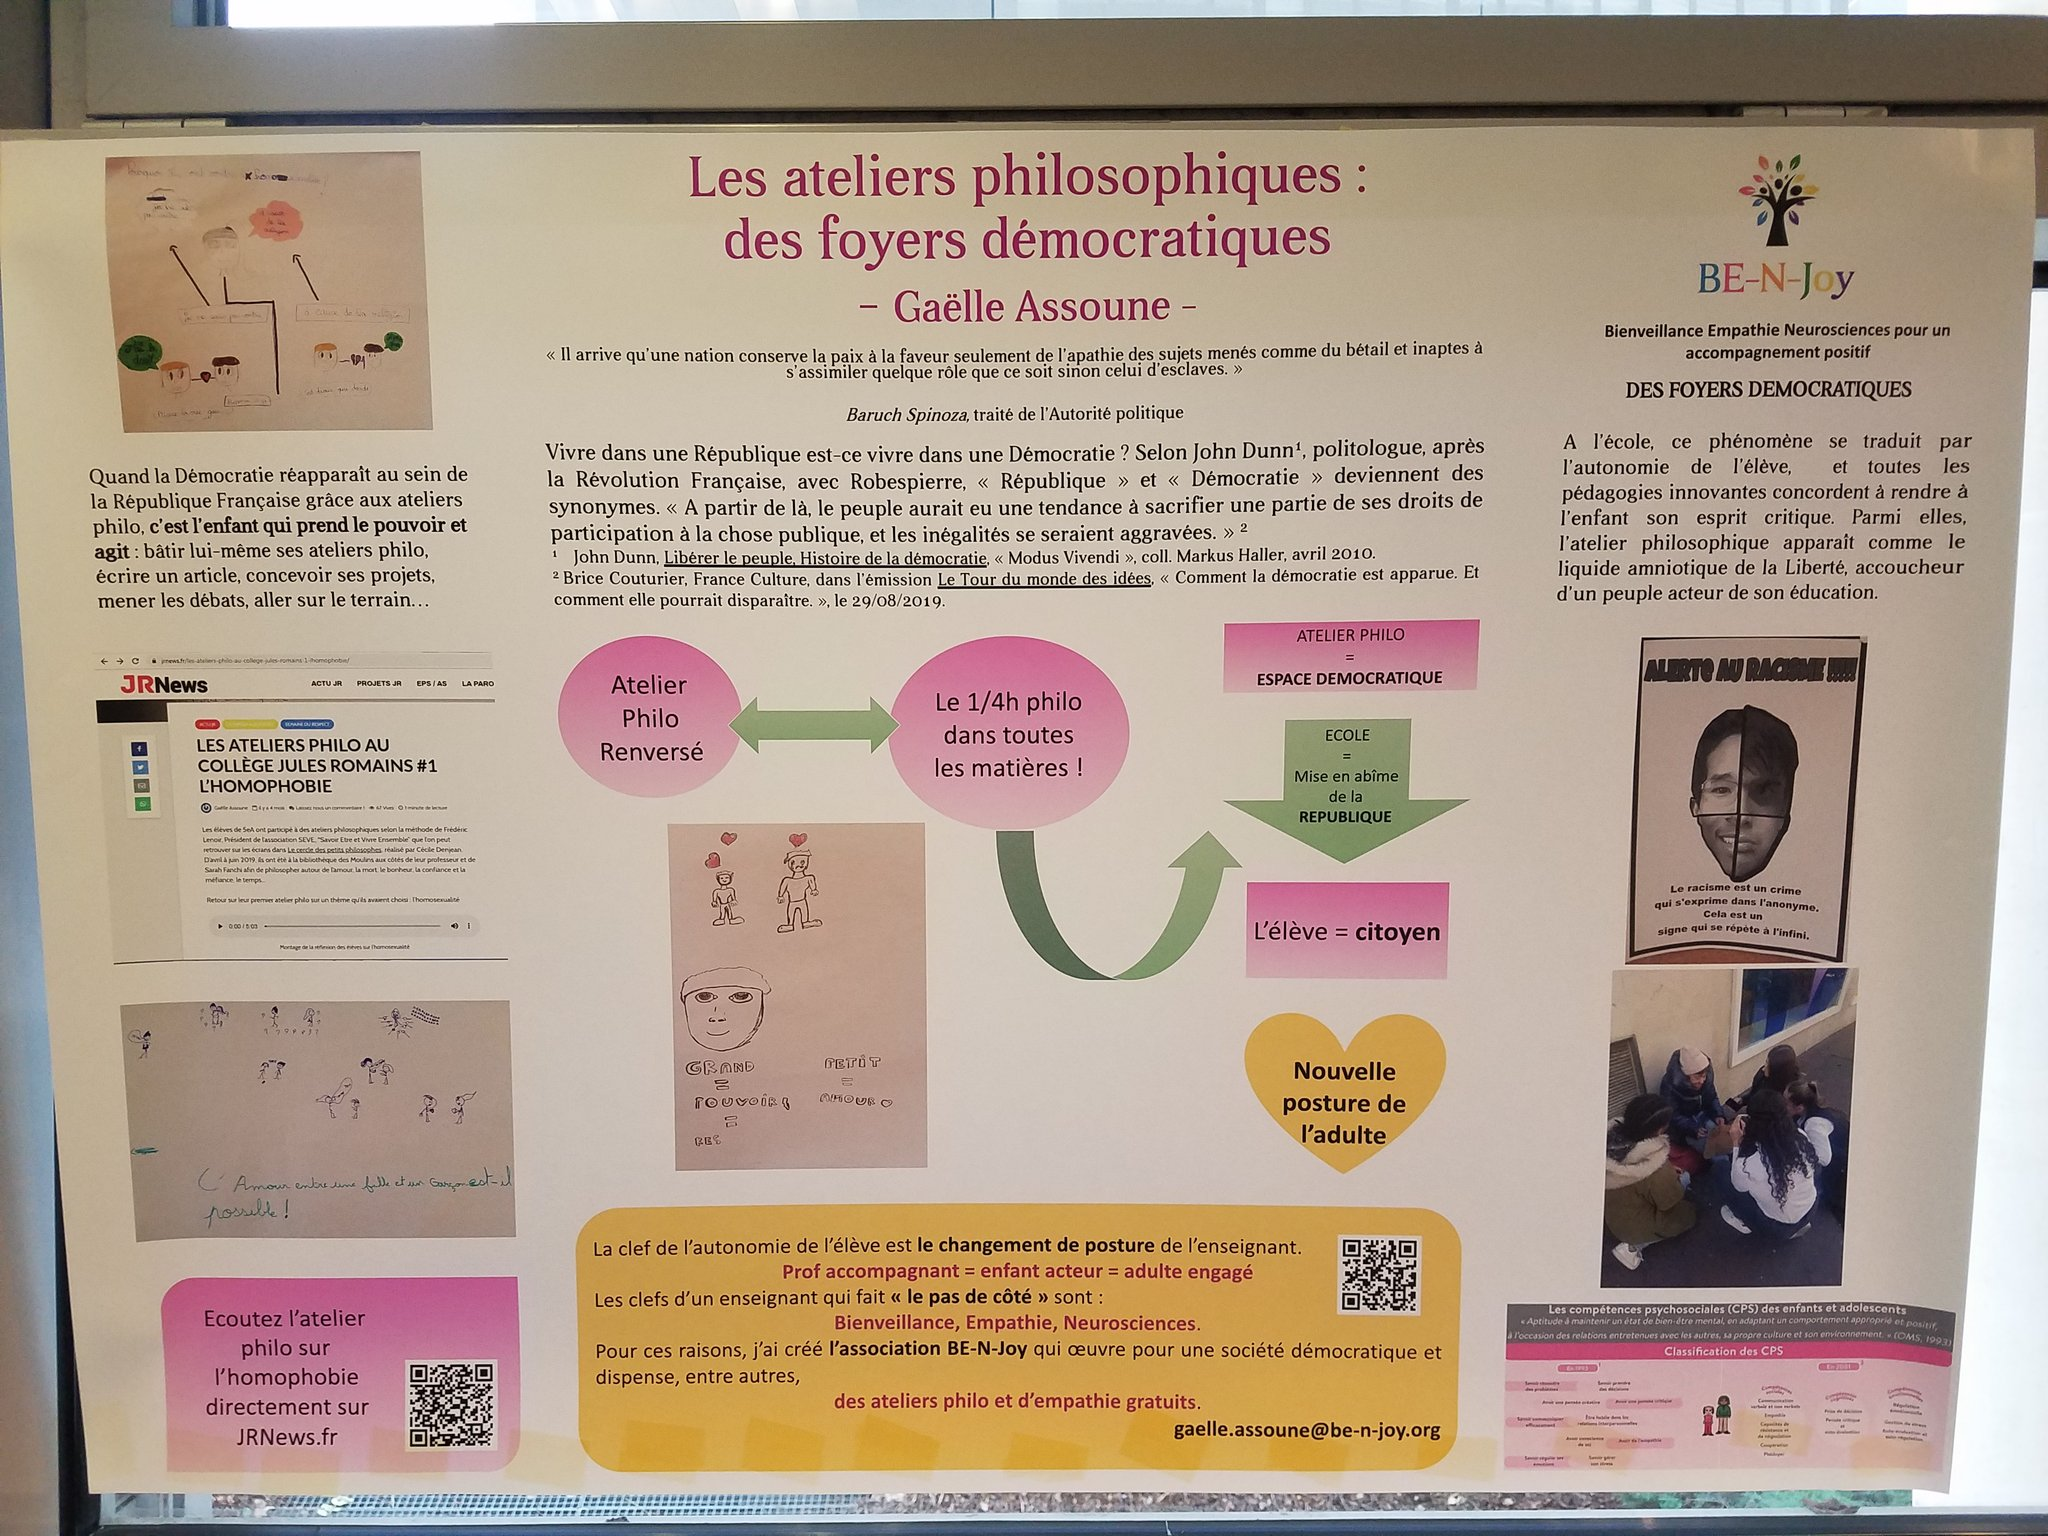 La neuroéducation, les compétences socio-émotionnelles et la philosophie